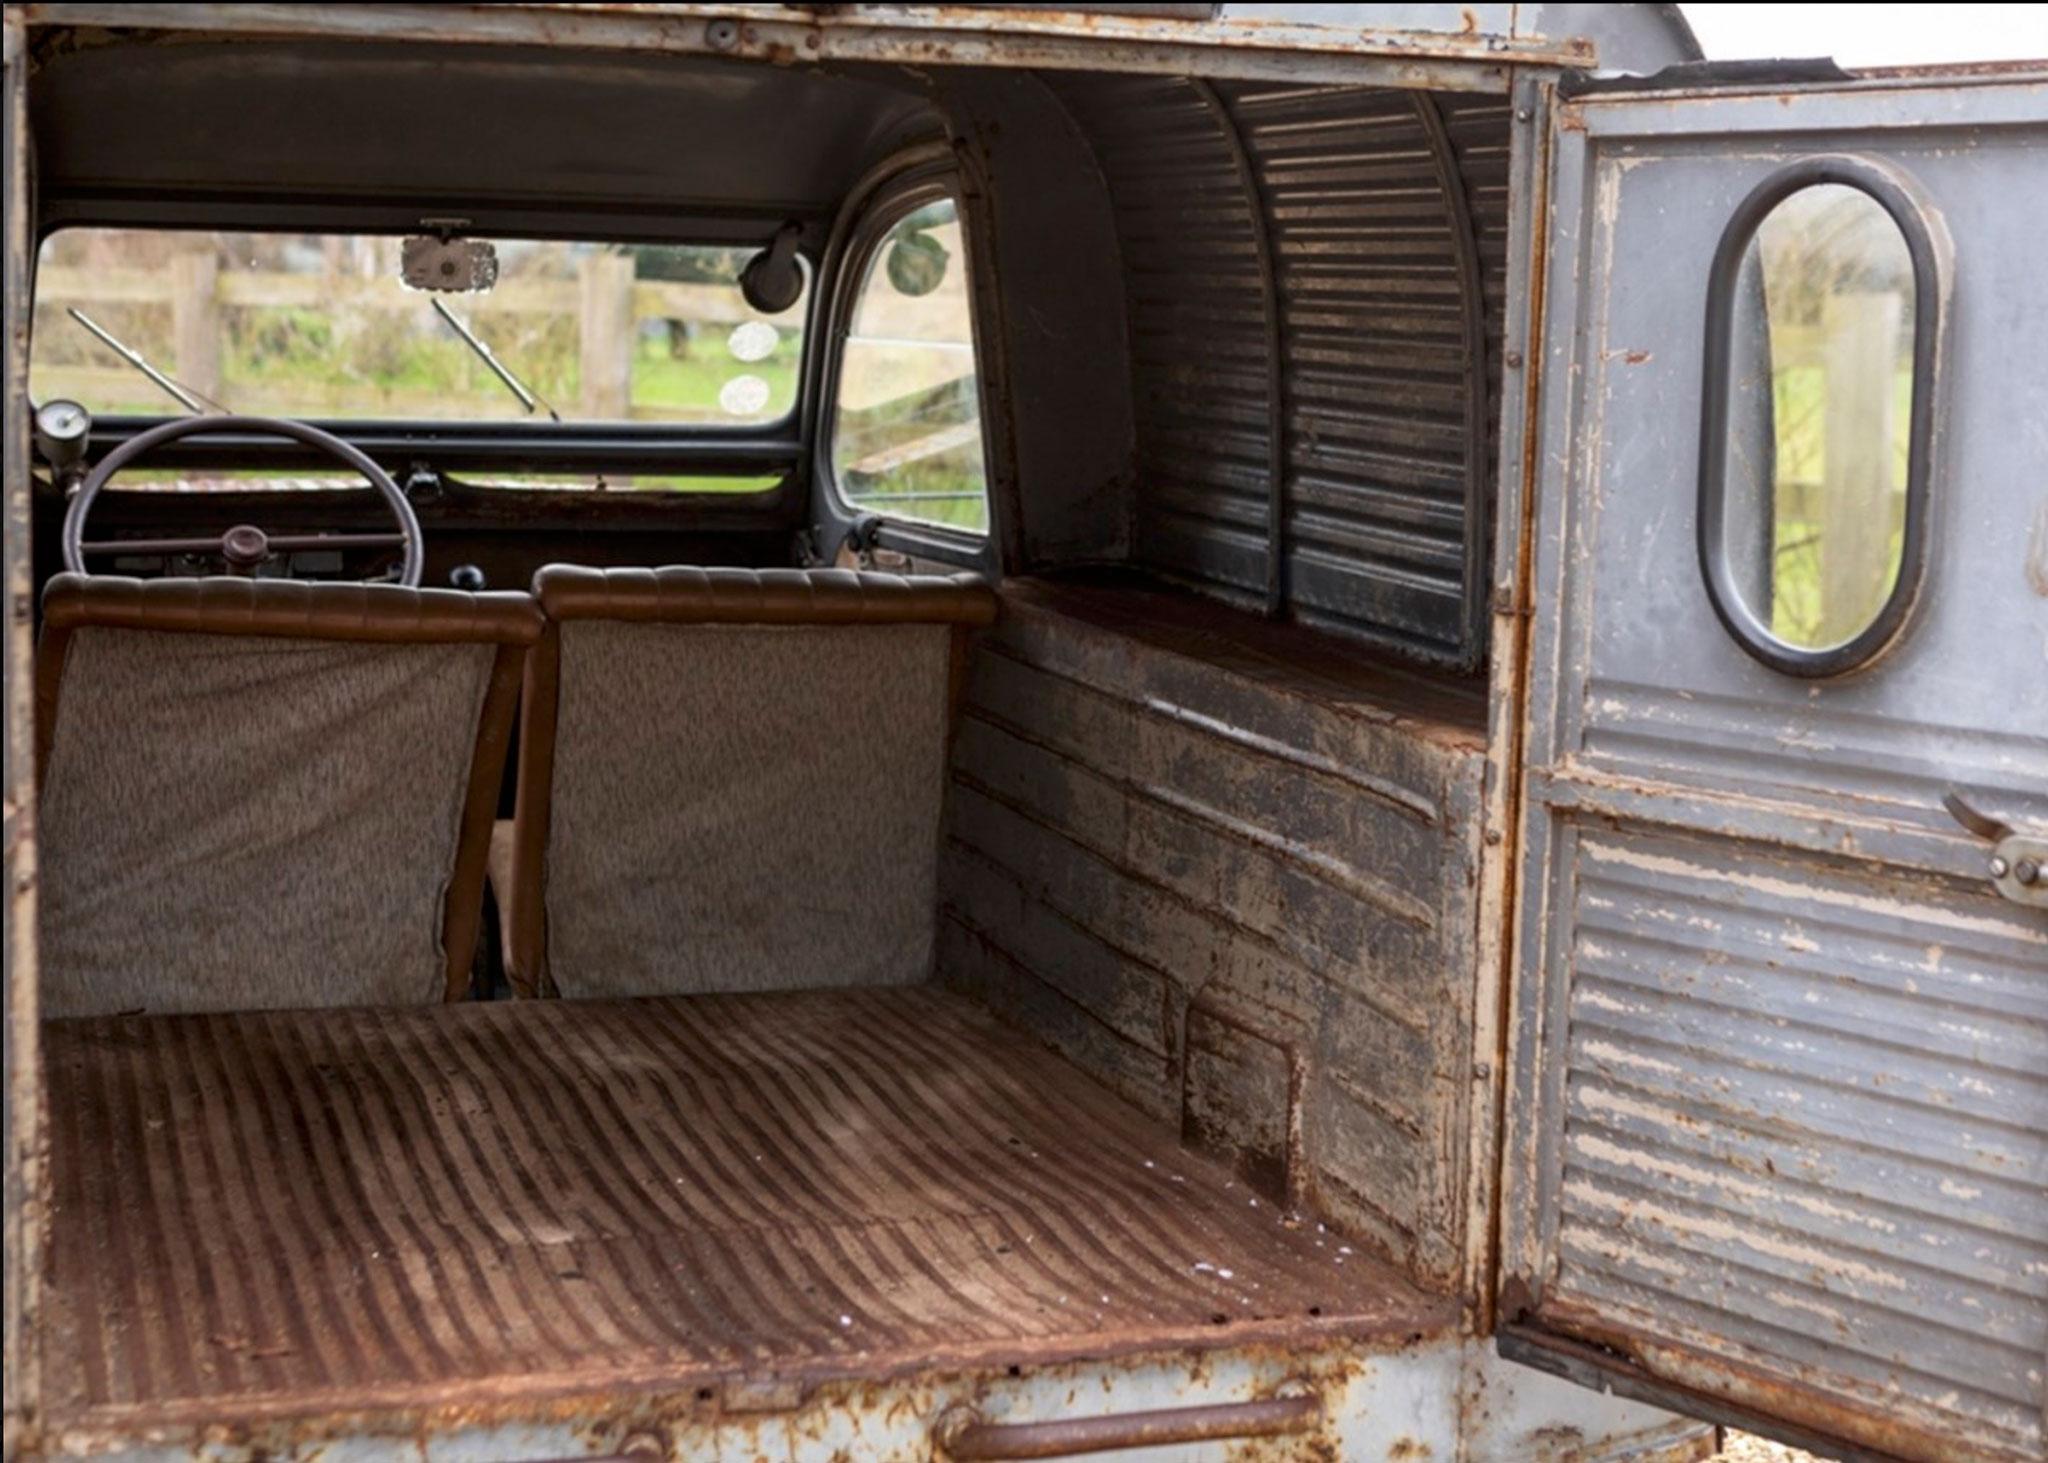 1956 2CV AZU Fourgonnette planchers et seuils de portes remplacés - Coups de Coeur Historics Auctioneers.